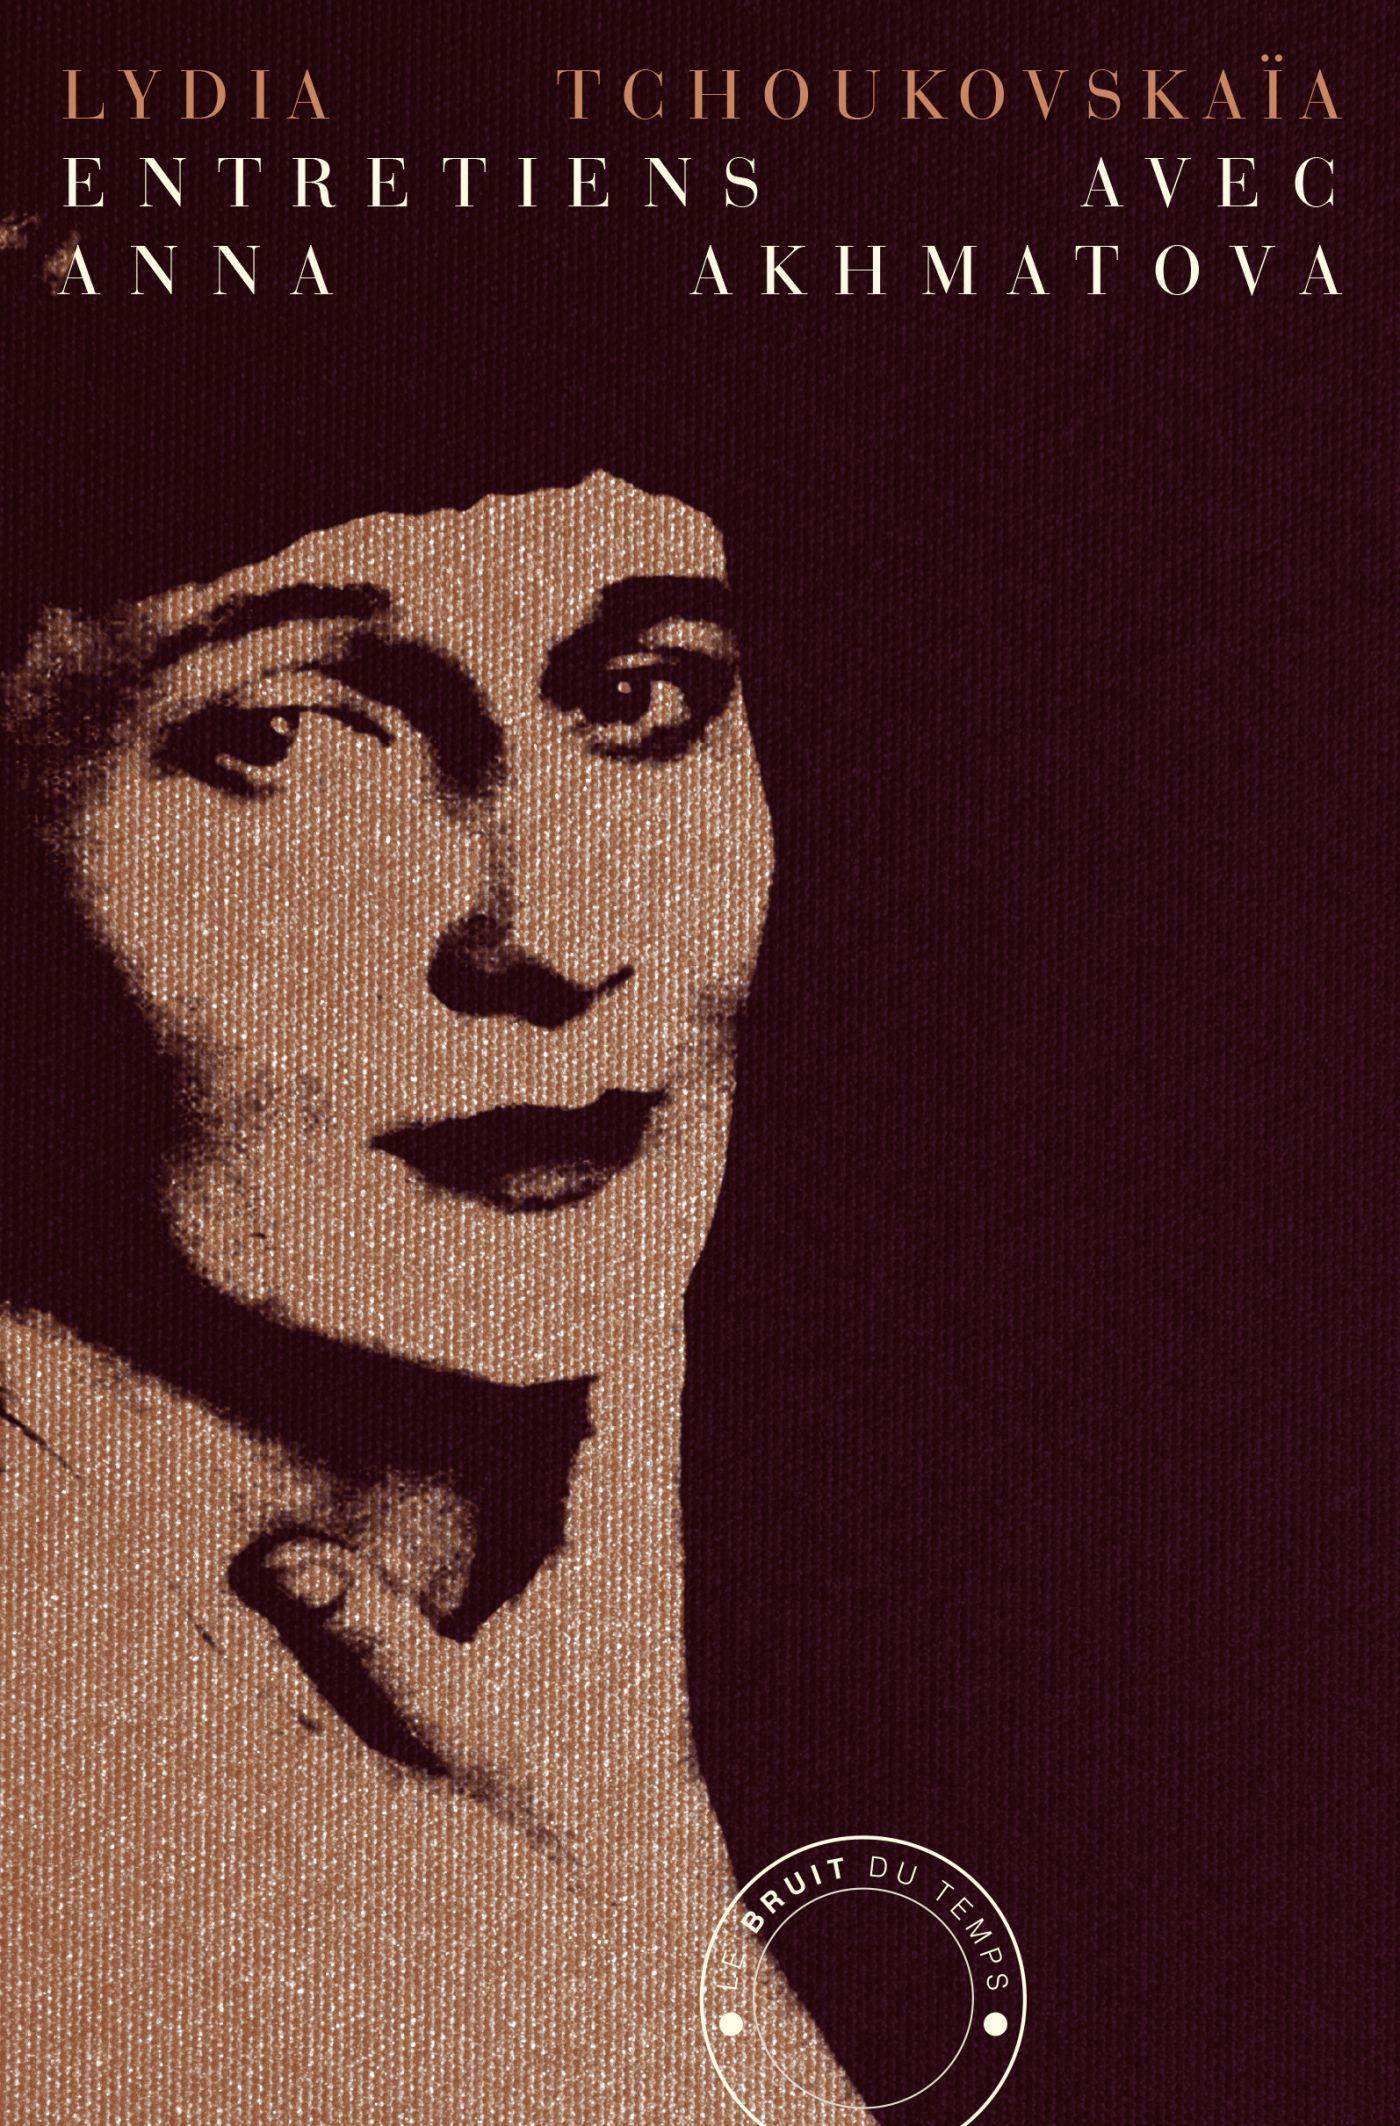 L. Tchoukovskaïa, Entretiens avec Anna Akhmatova